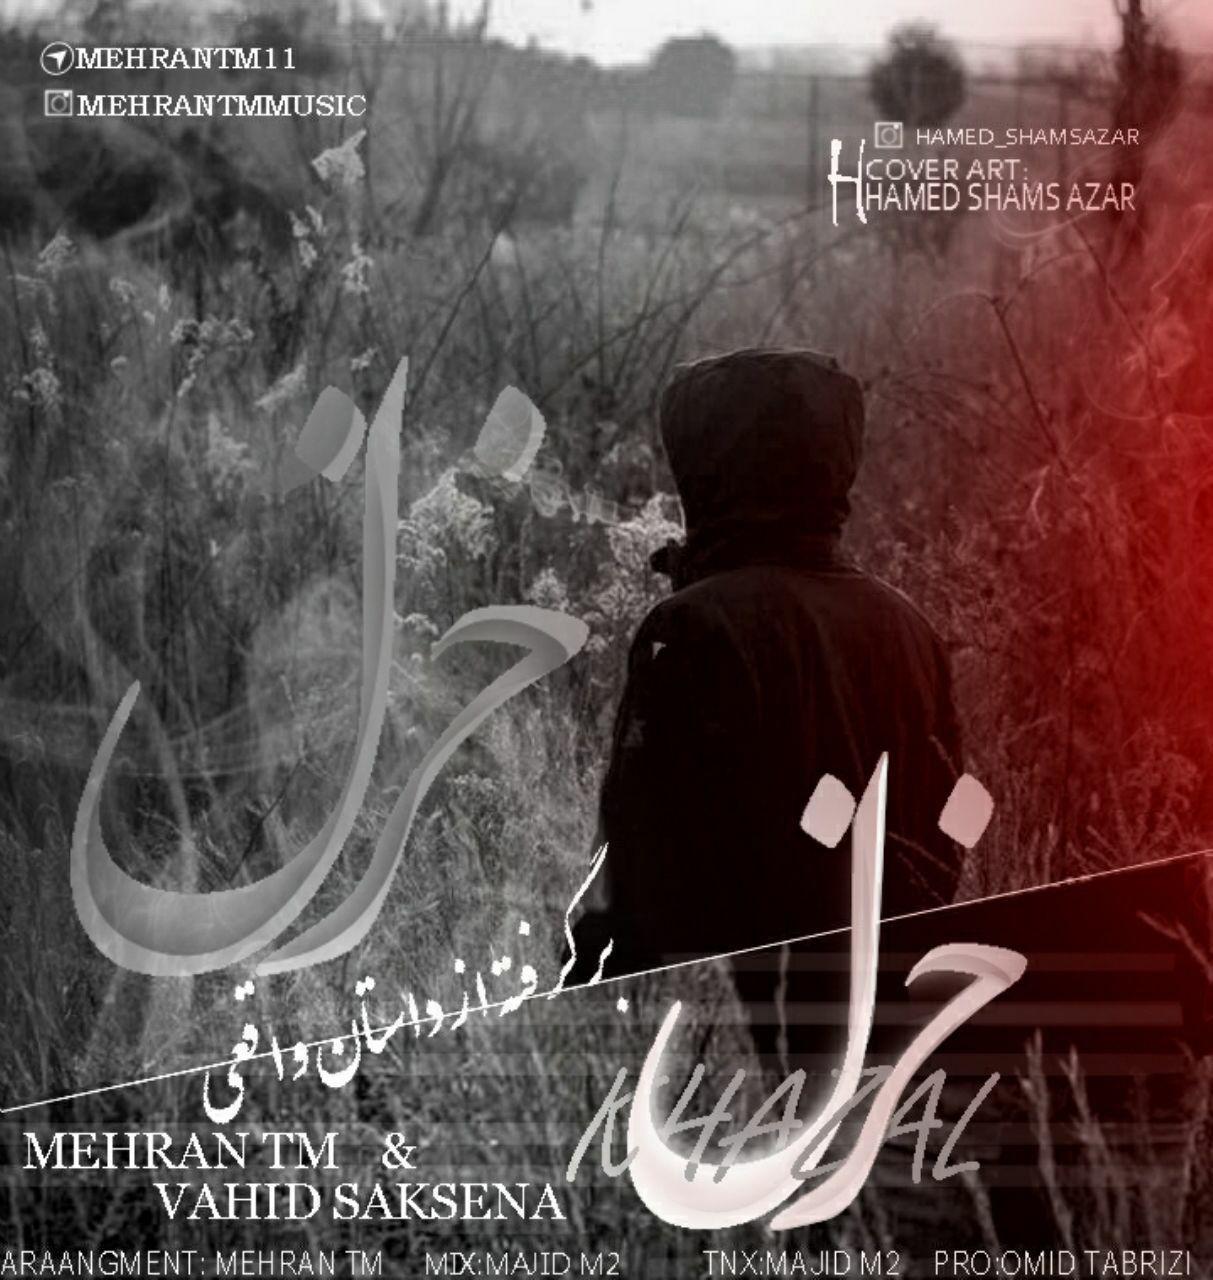 http://s9.picofile.com/file/8324156800/37Mehran_Tm_Vahid_Saksena_Khazal.jpg